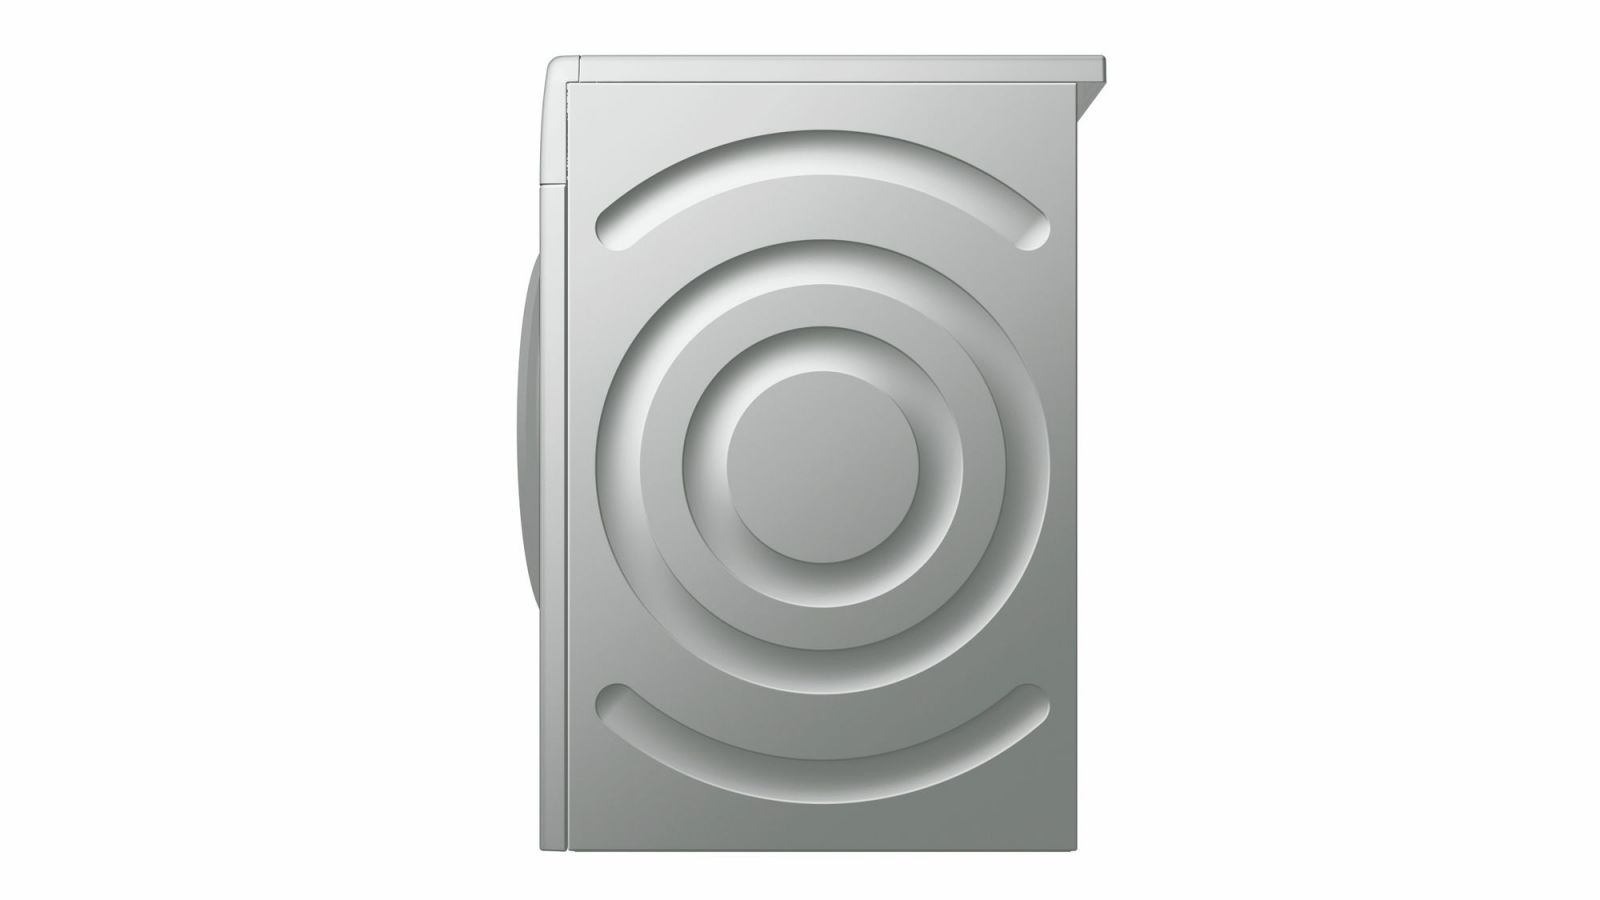 Máy giặt Bosch HMH.WAW28440SG 1